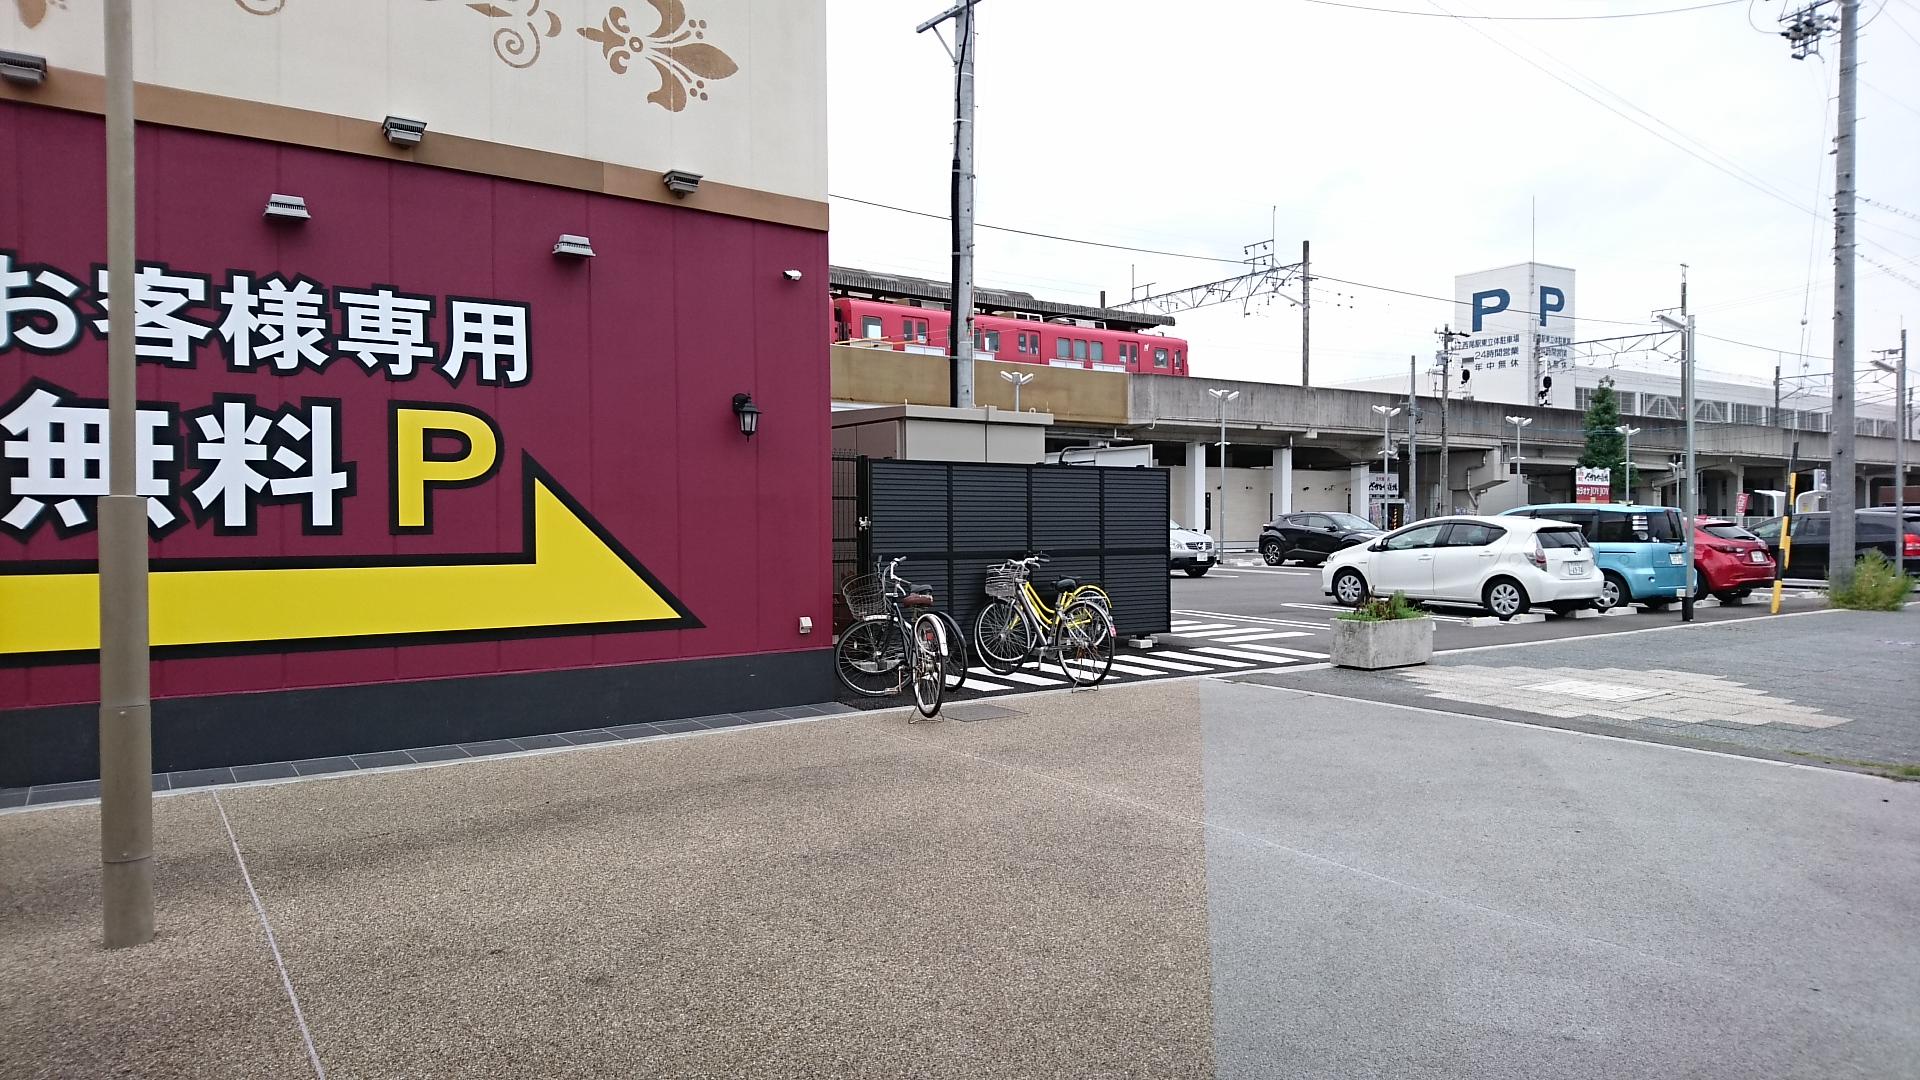 2017.9.27 平坂 (19) 西尾 1920-1080